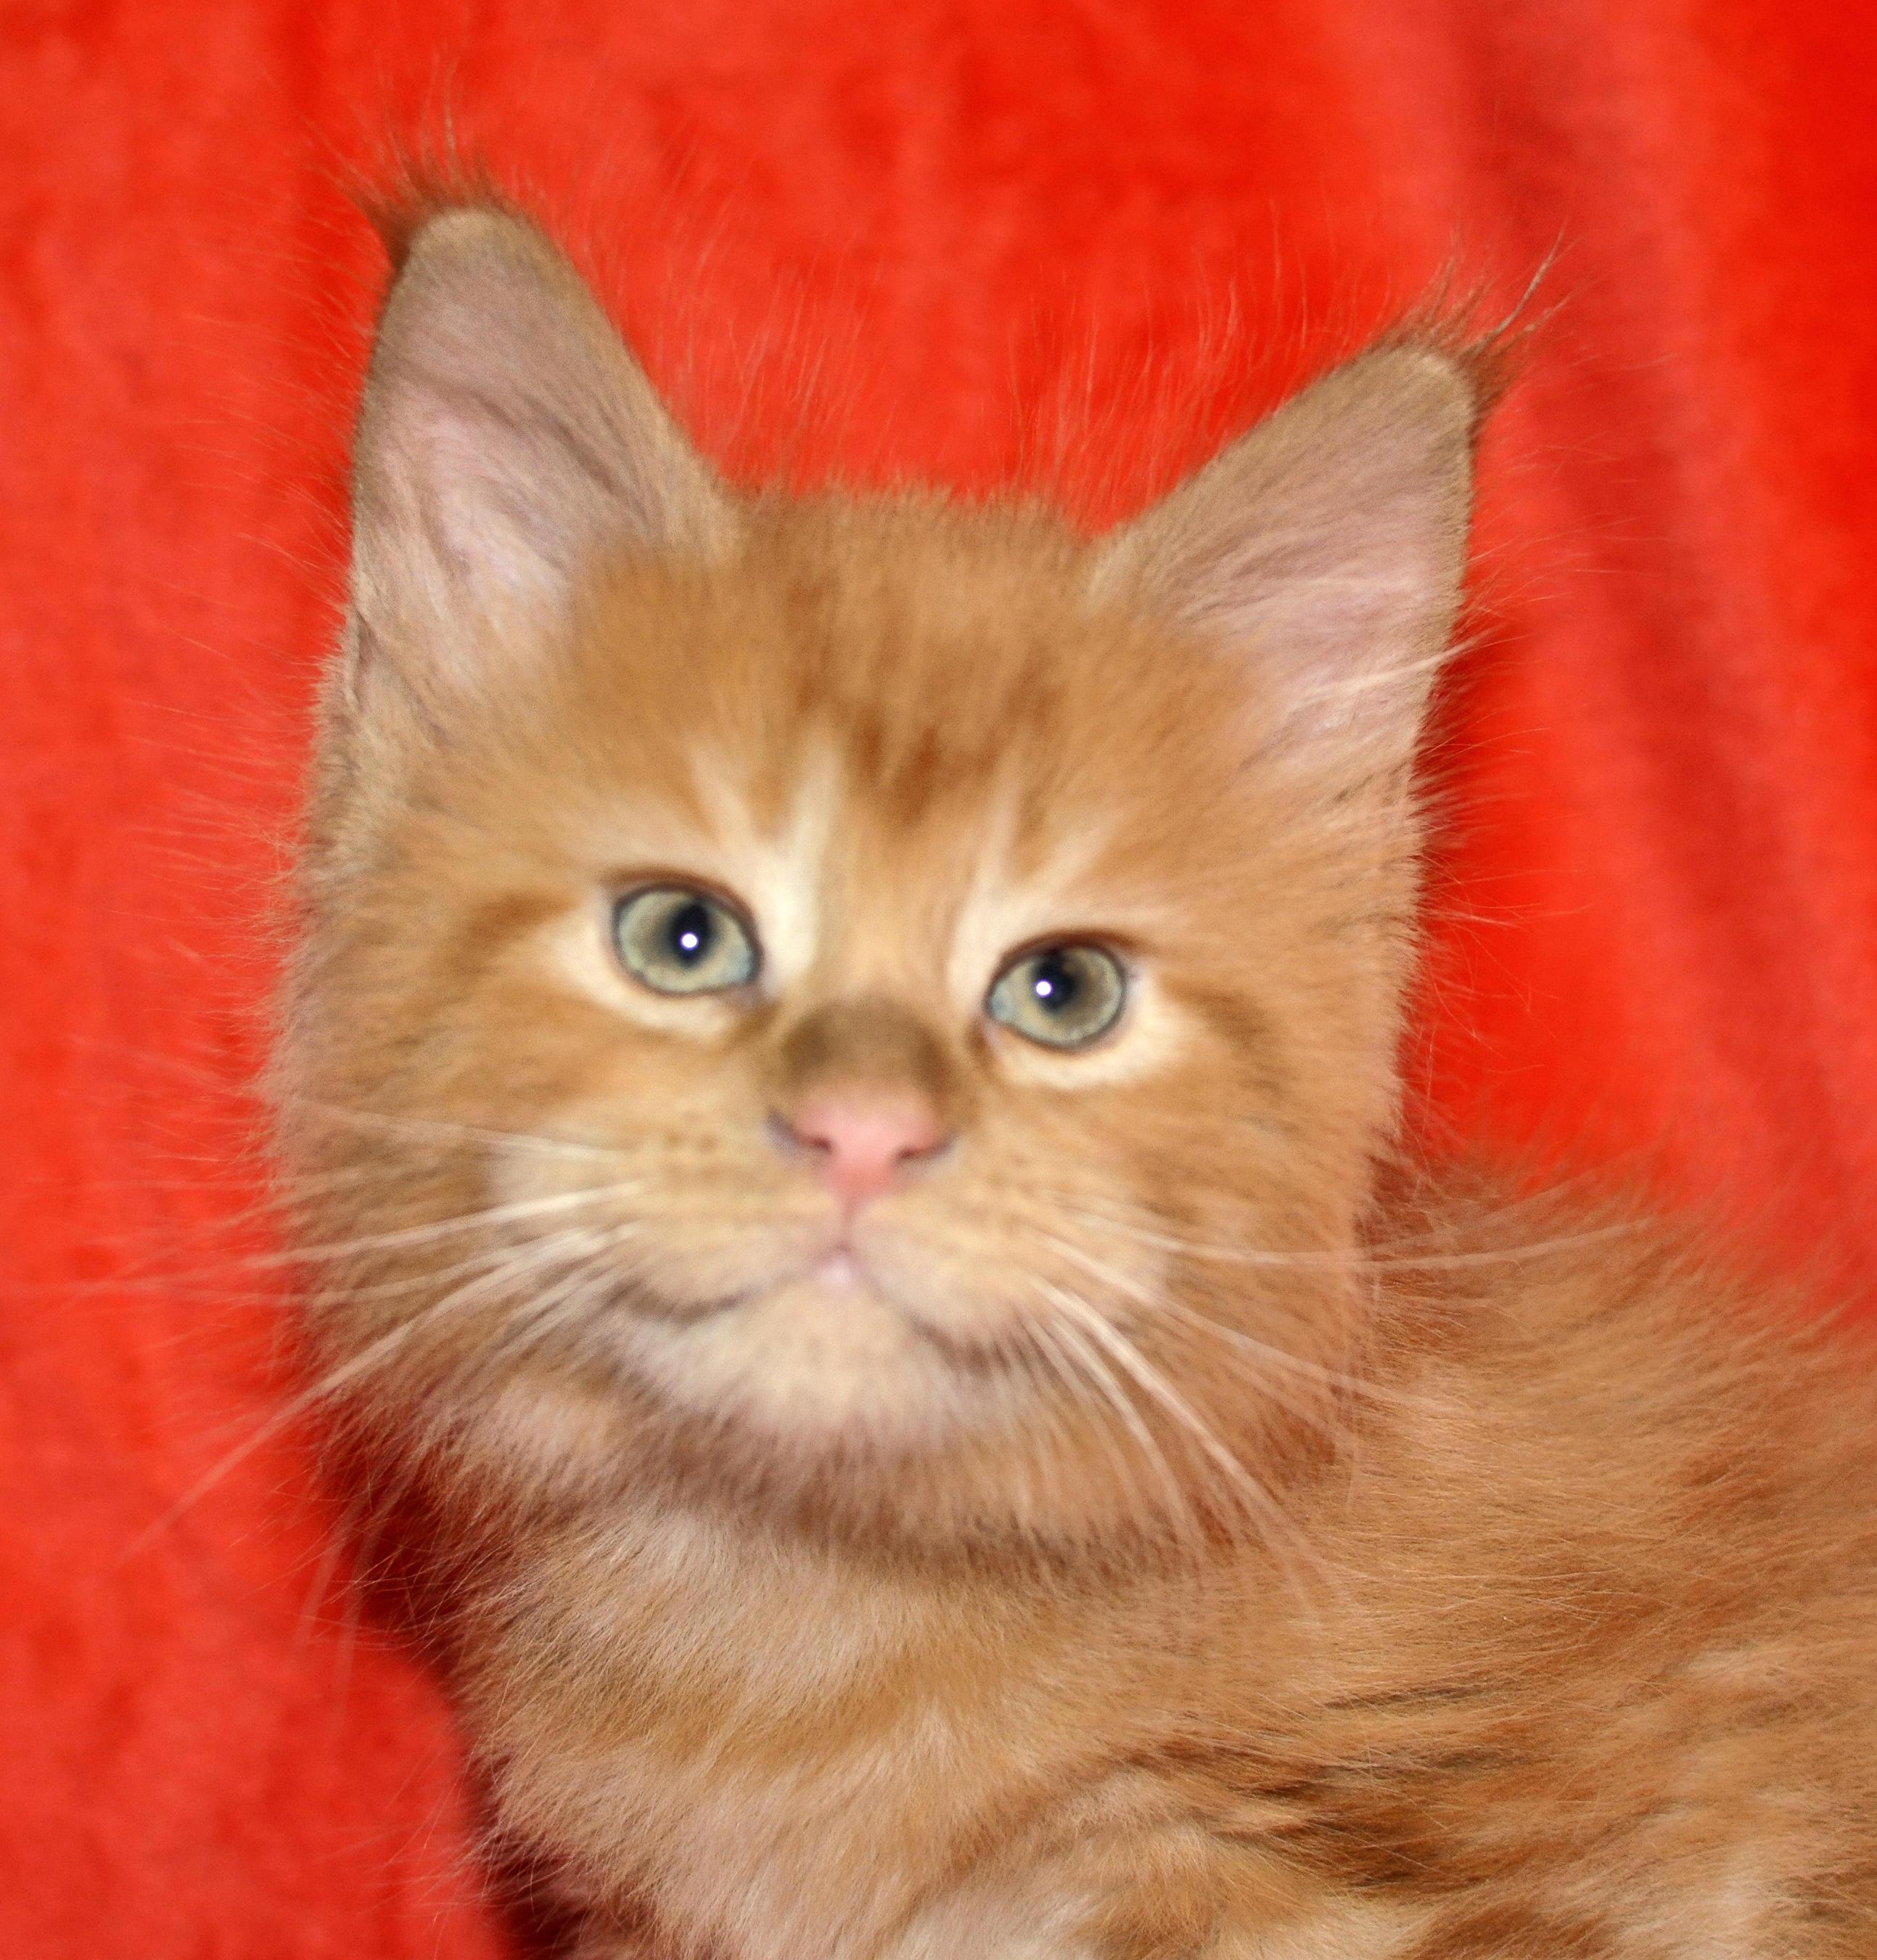 Kocięta   Maaine Coon   kittens